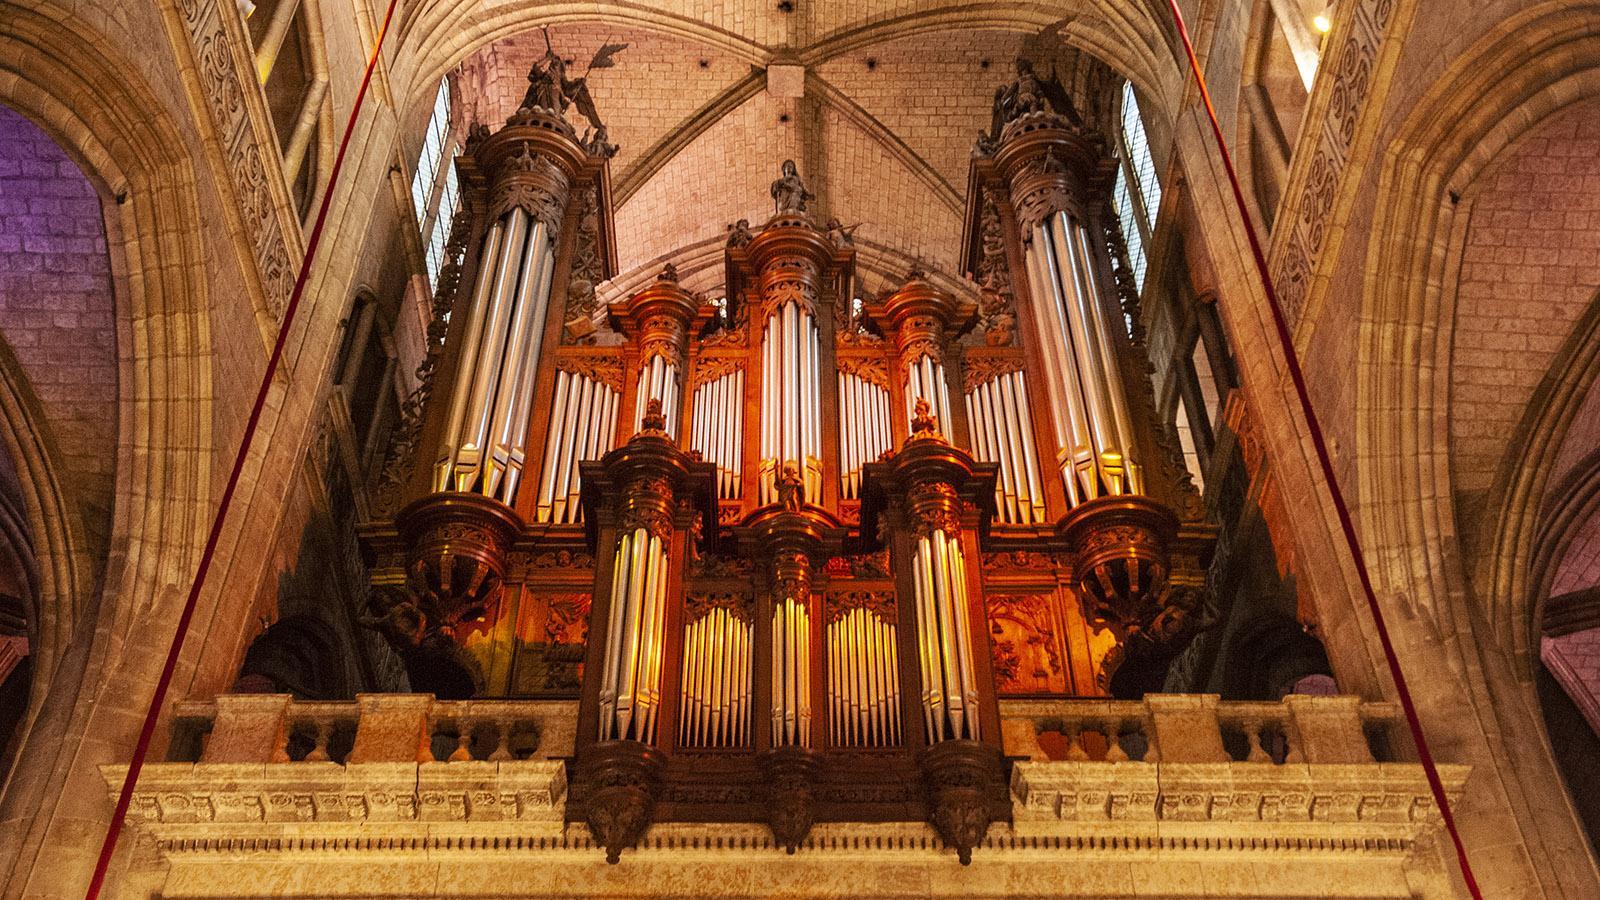 Beeindruckend: die Orgel der Kathedrale. Foto: Hilke Maunder